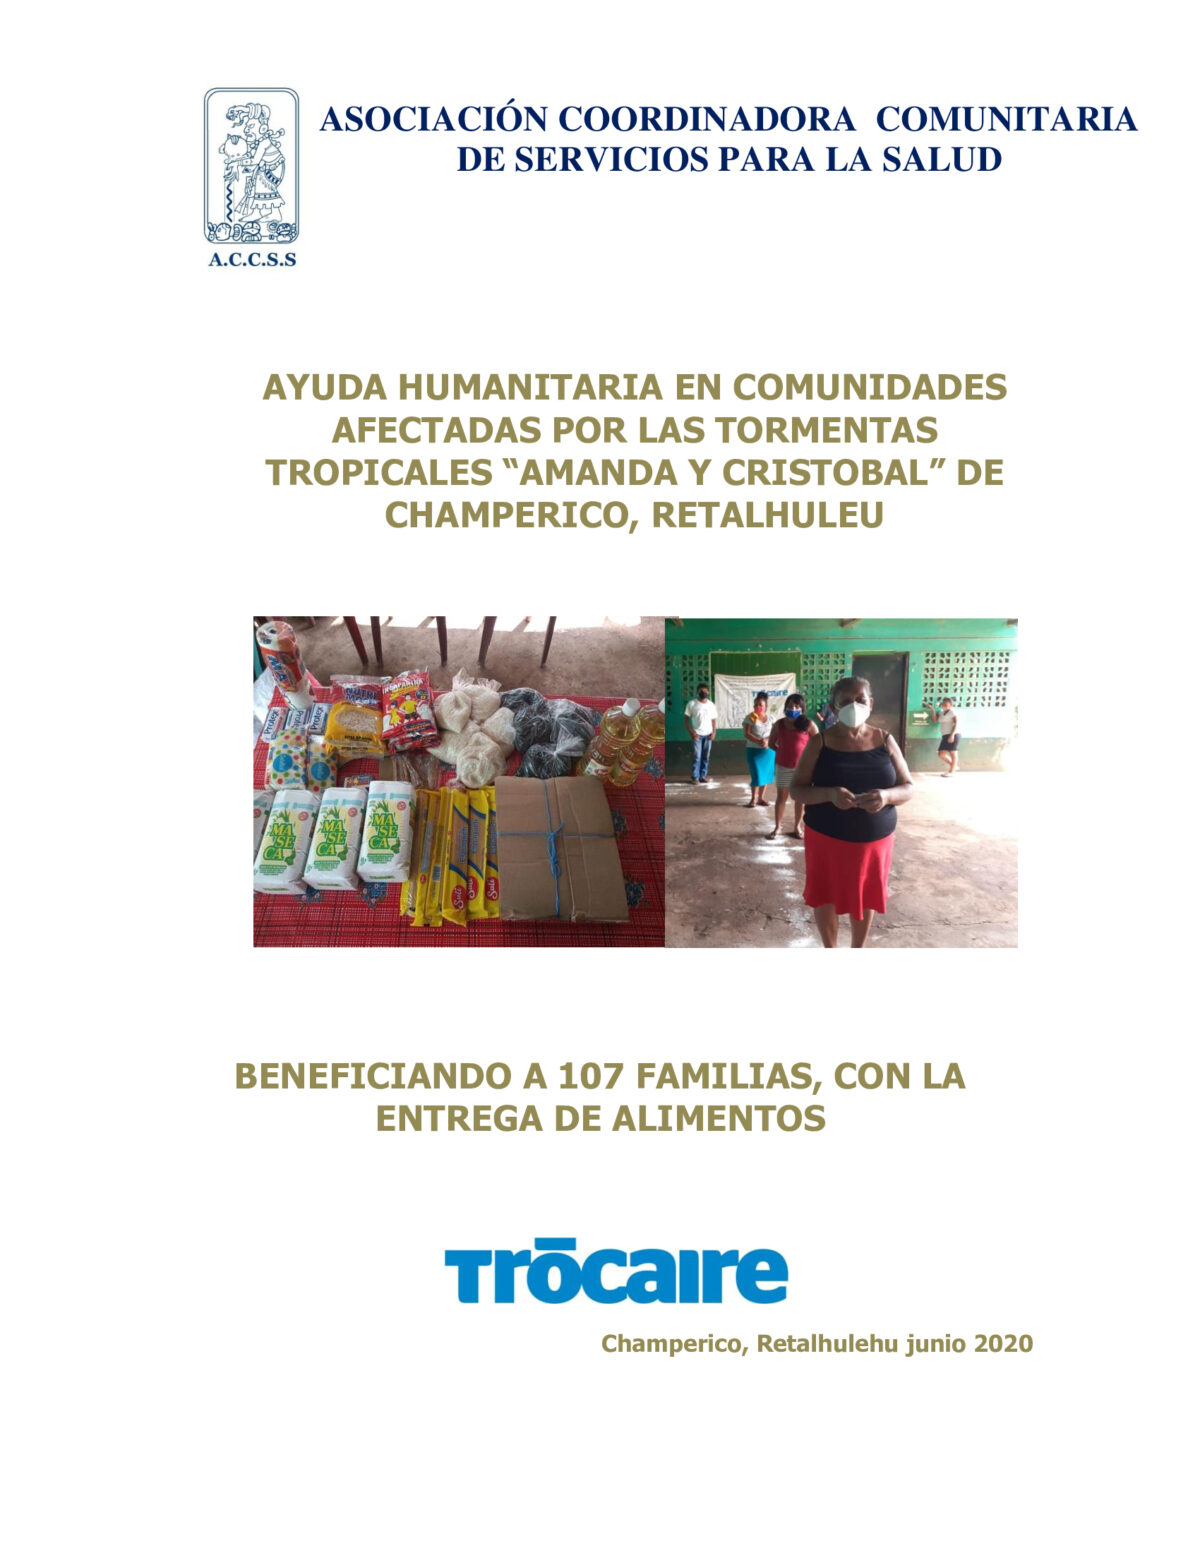 AYUDA HUMANITARIA EN COMUNIDADES DE CHAMPERICO, RETALHULEU